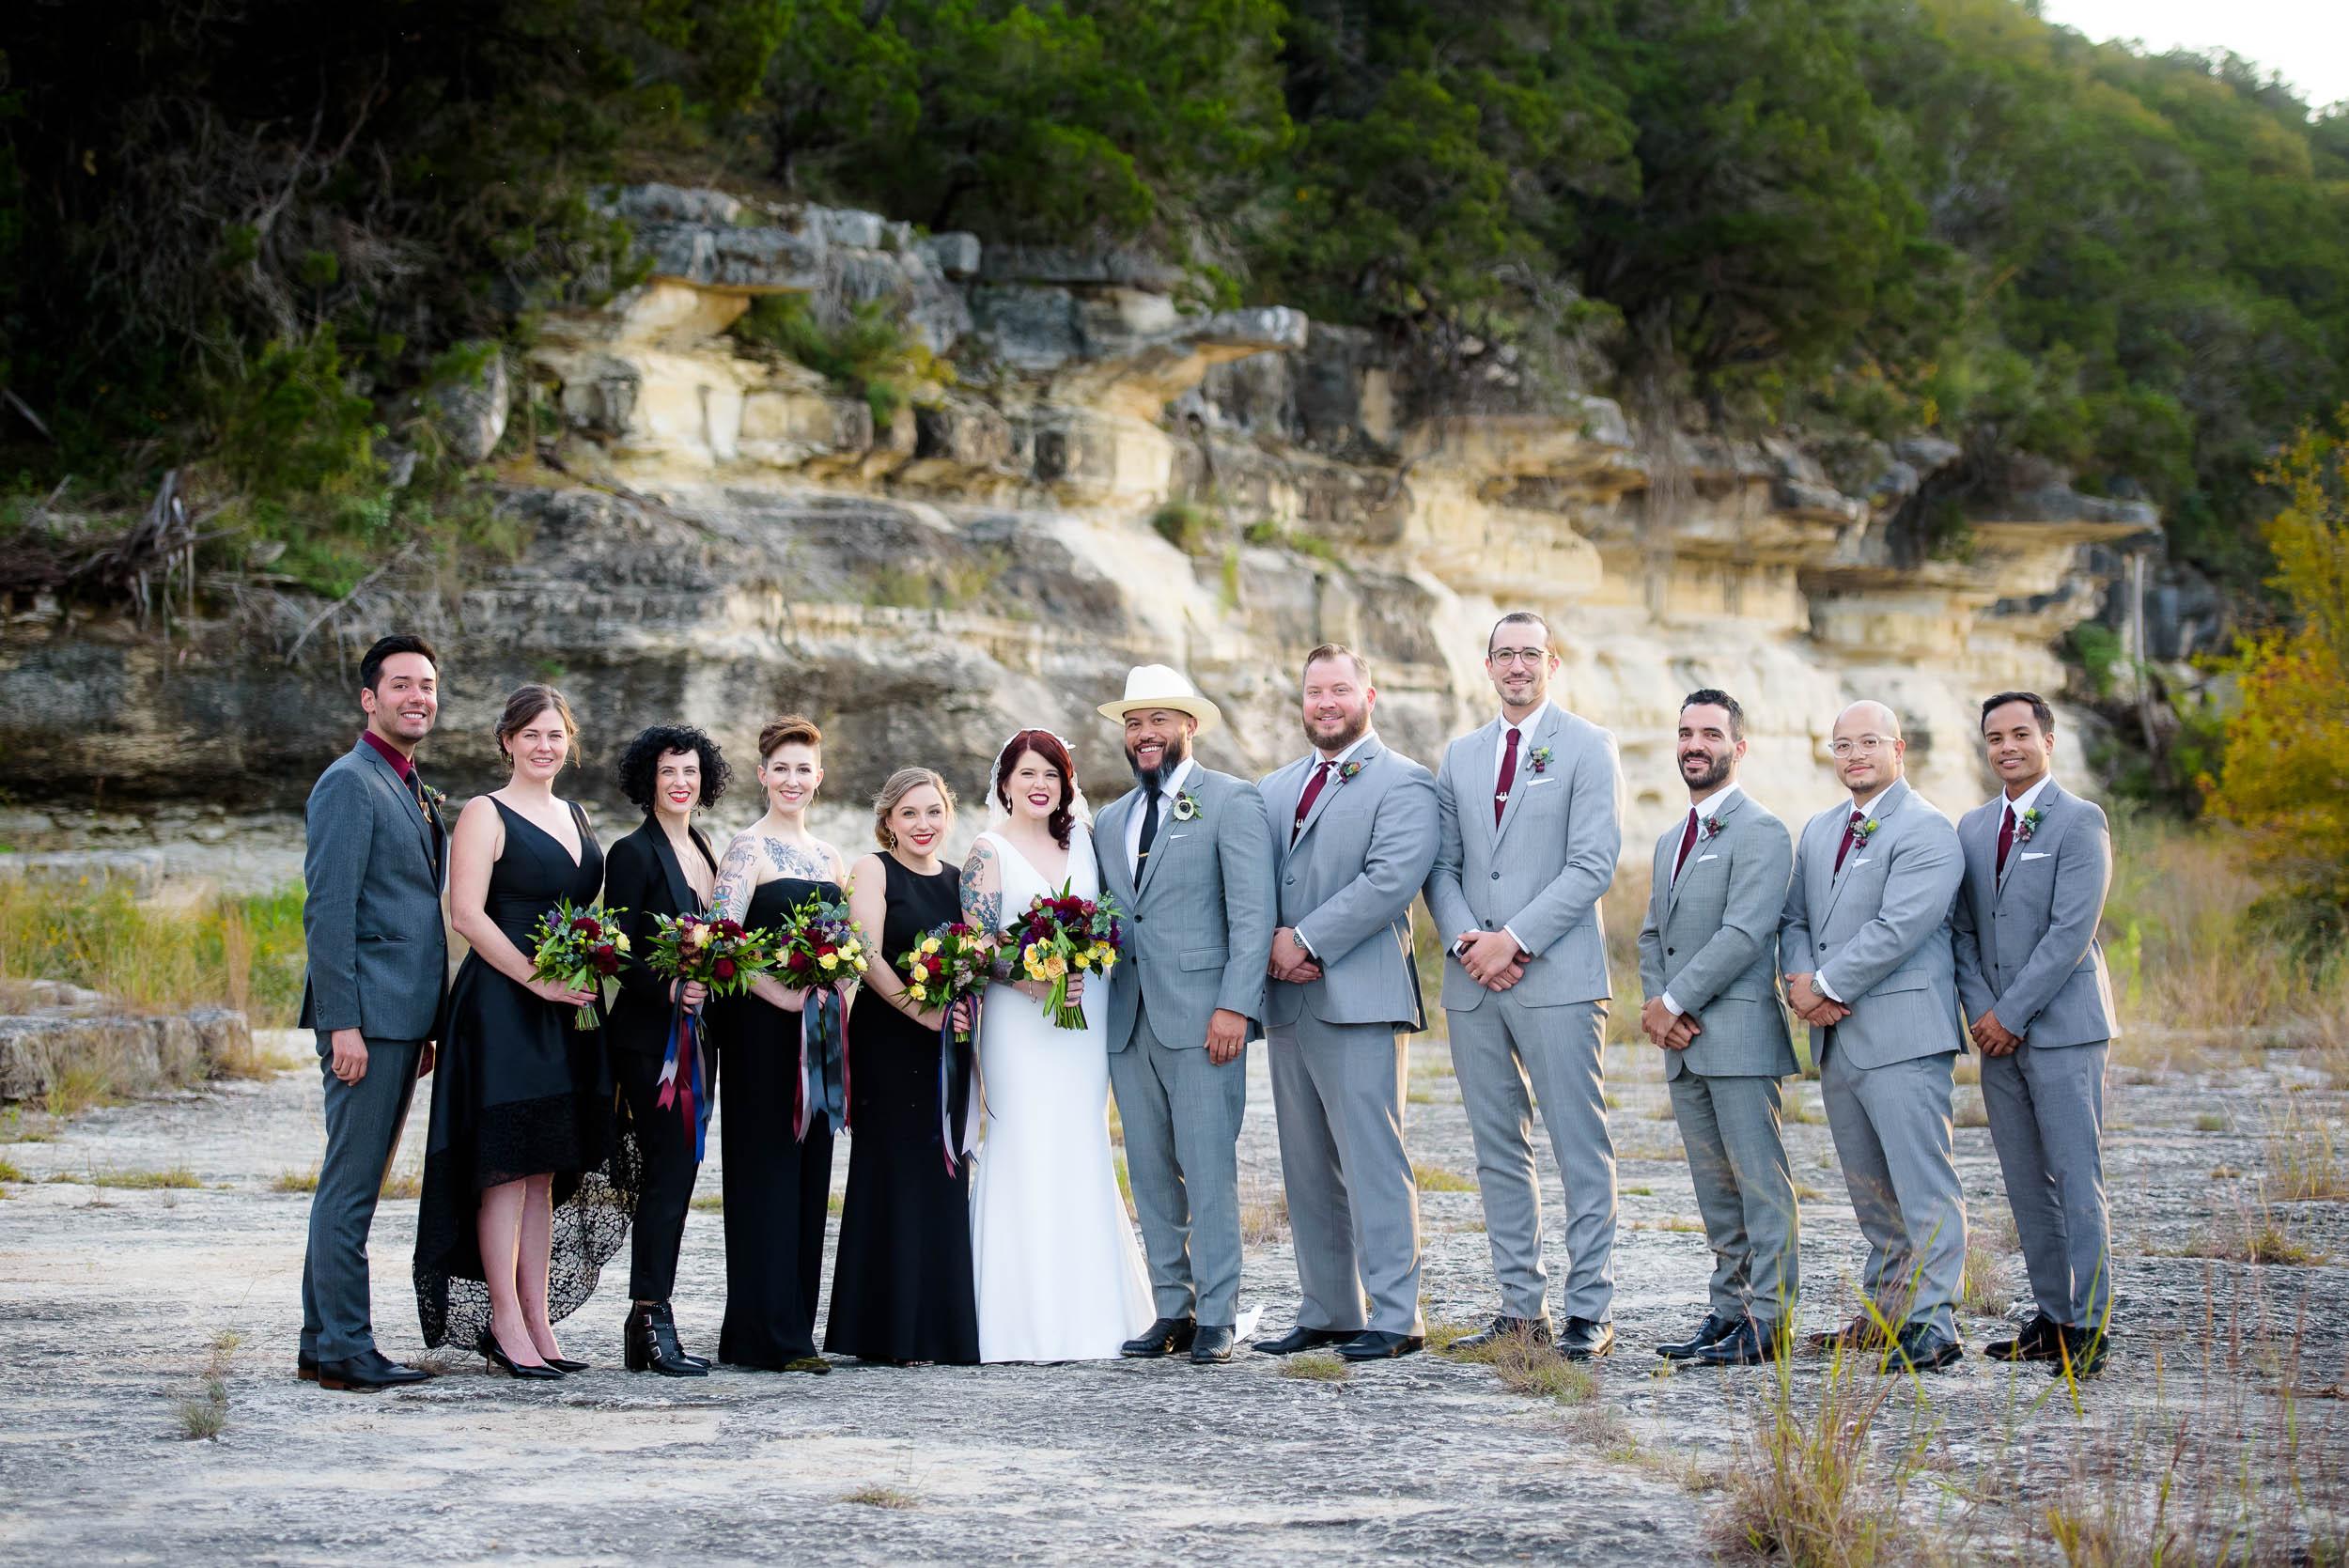 Wedding party during a Montesino Ranch wedding Austin, Texas.